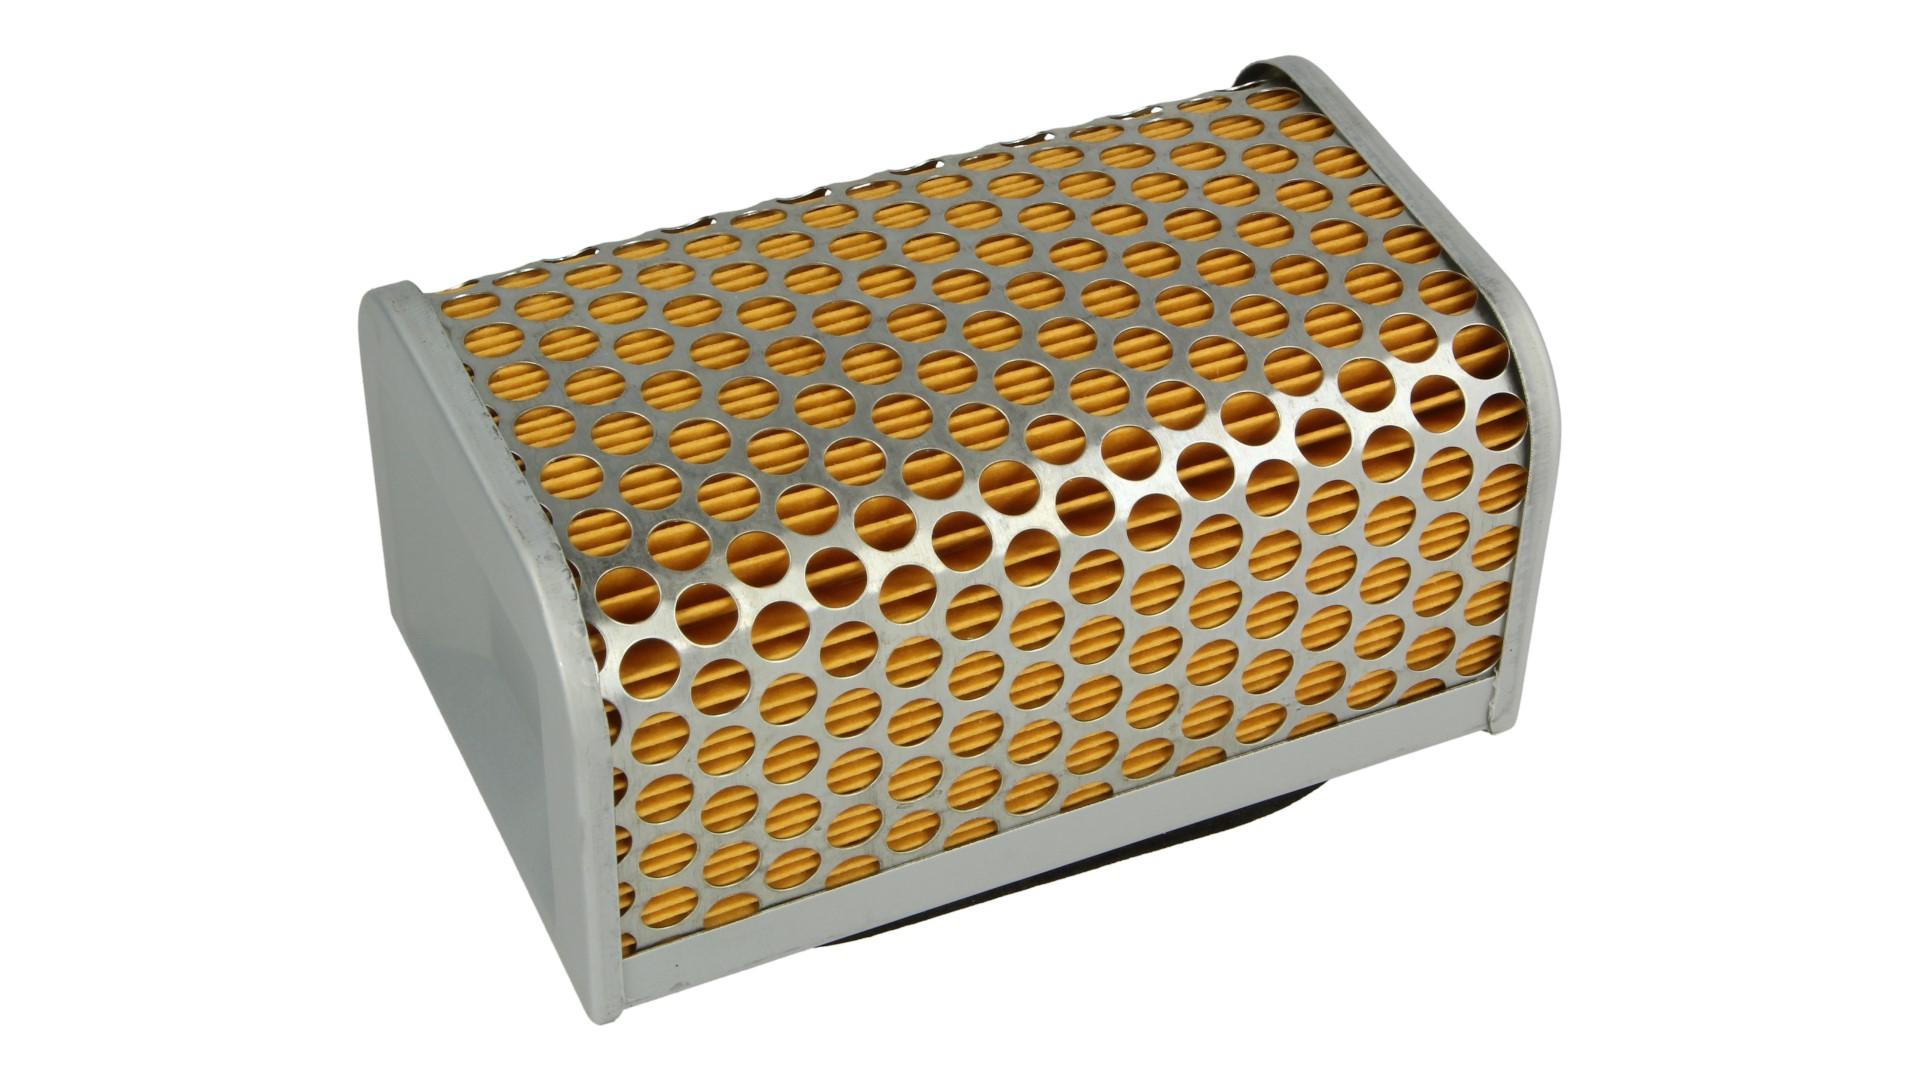 Filtr Powietrza Kawasaki Zr 550 91 00 Zr 750 91 99 Zr 7 99 04